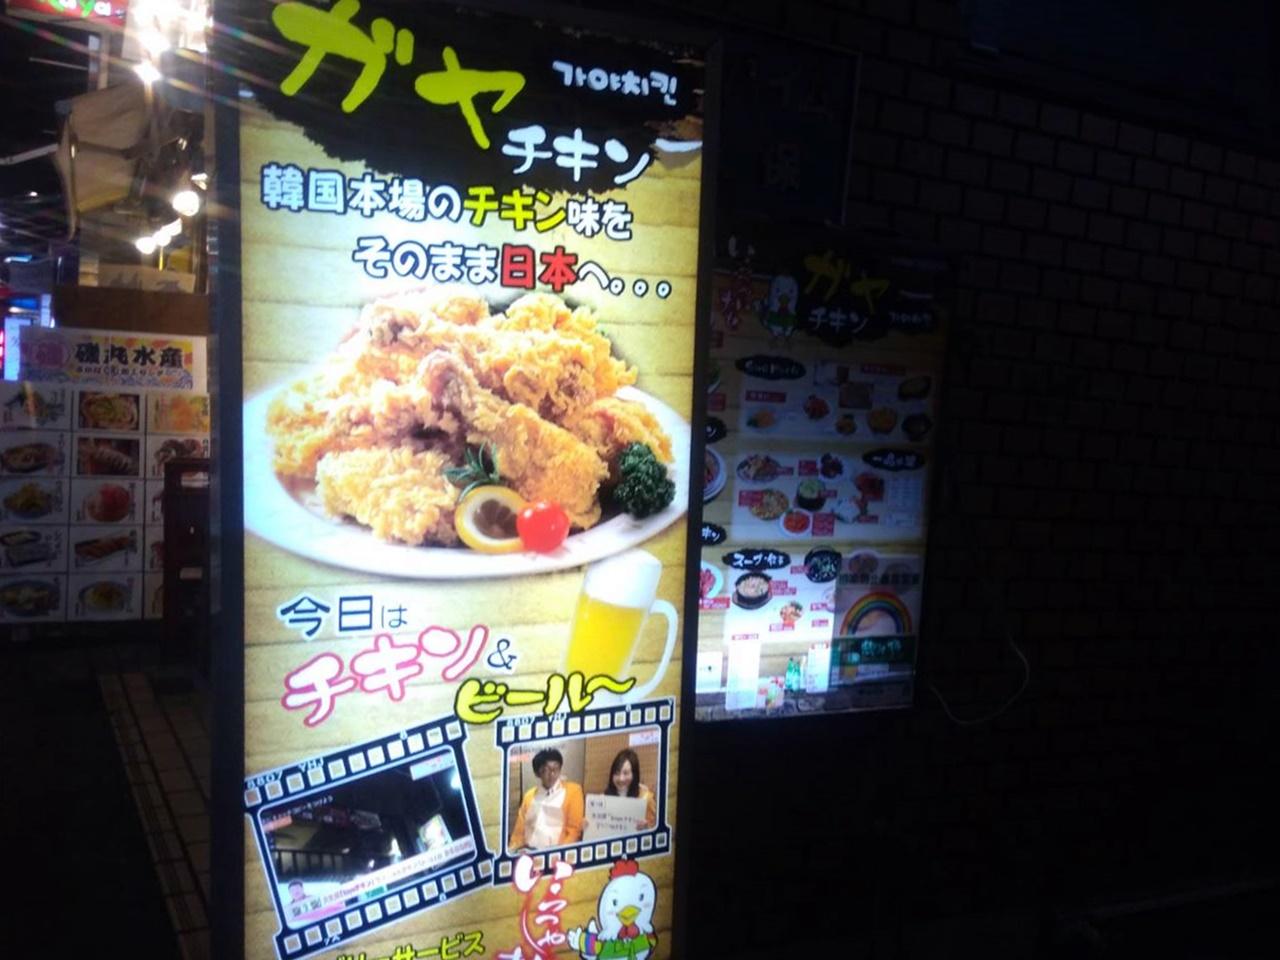 ガヤチキンで韓国フライドチキン